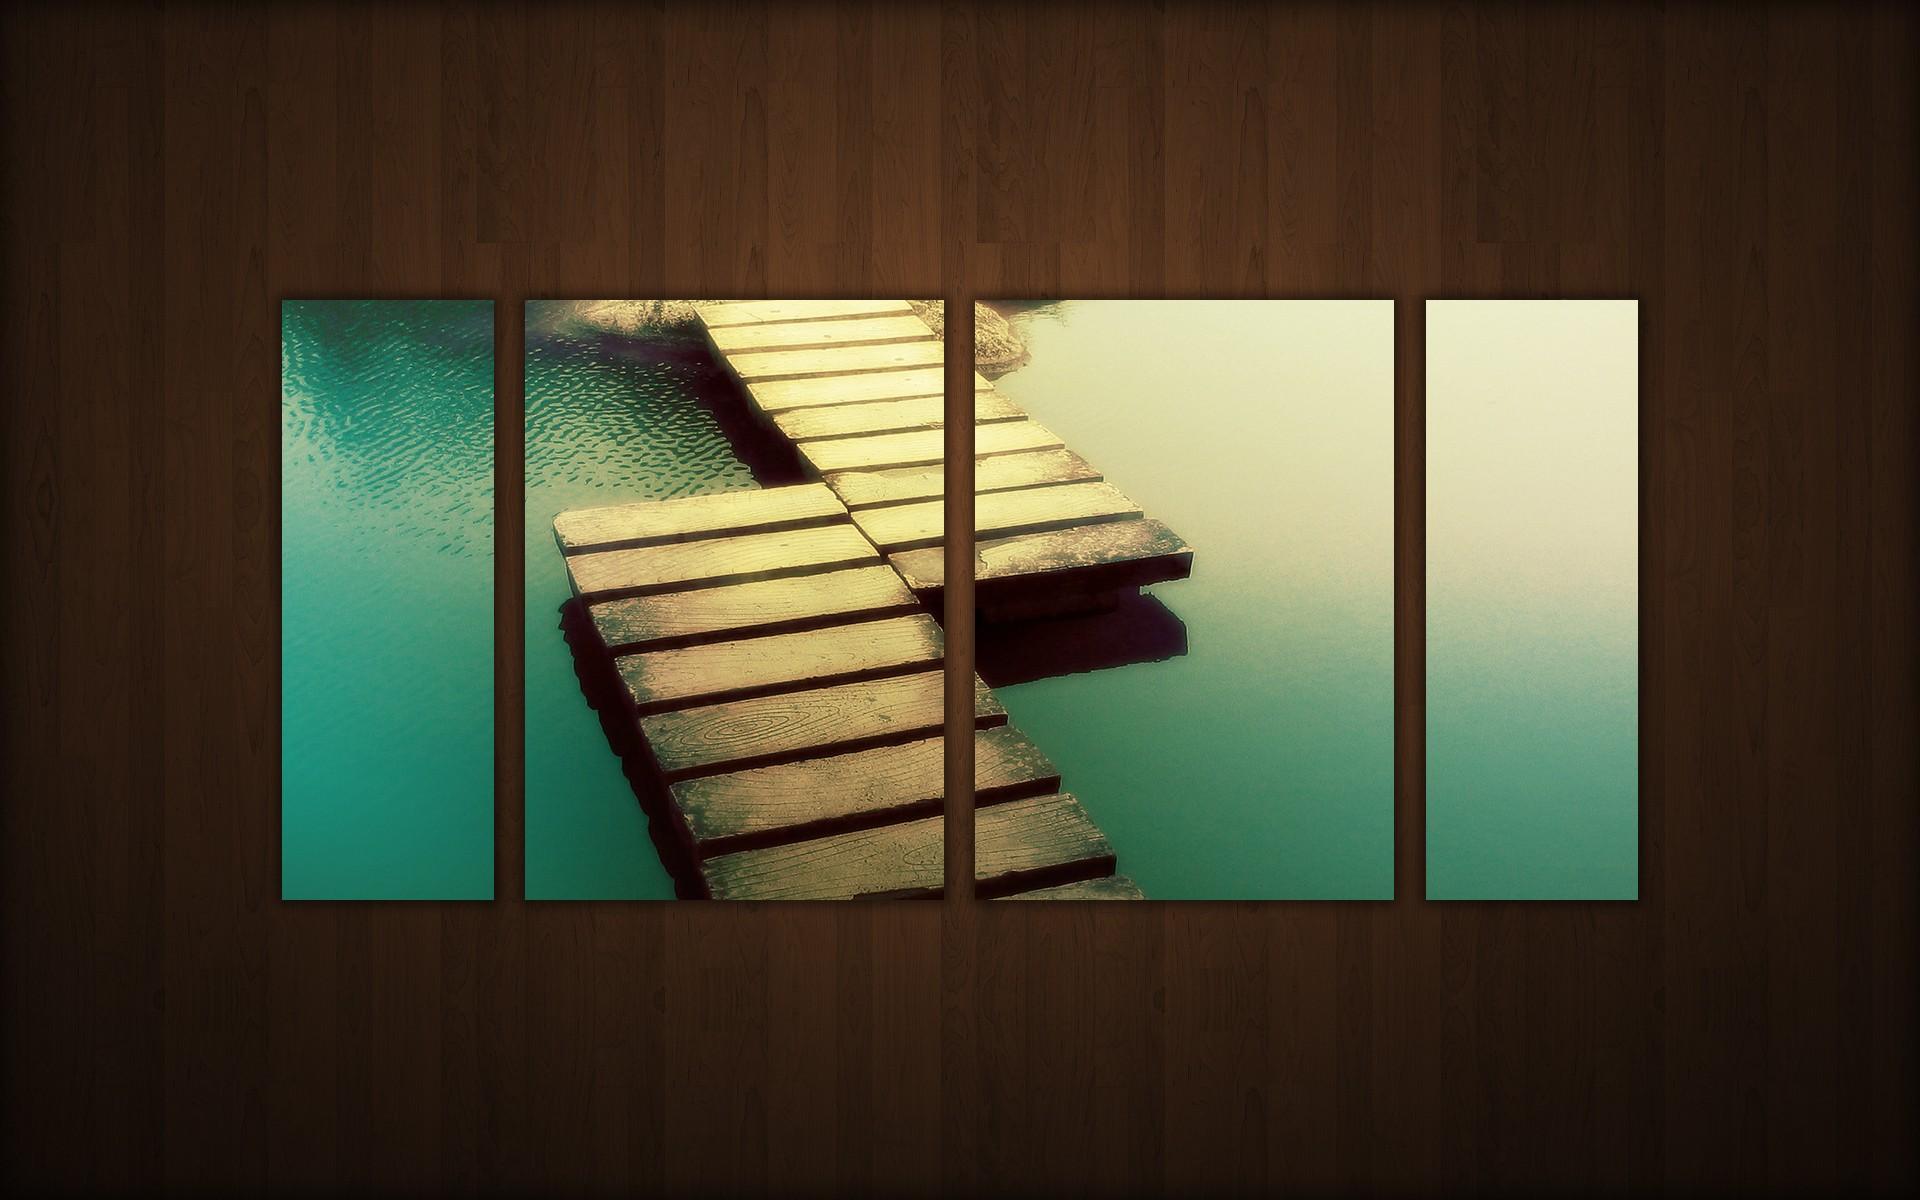 Hintergrundbilder : digitale Kunst, Fenster, Wasser, Collage ...